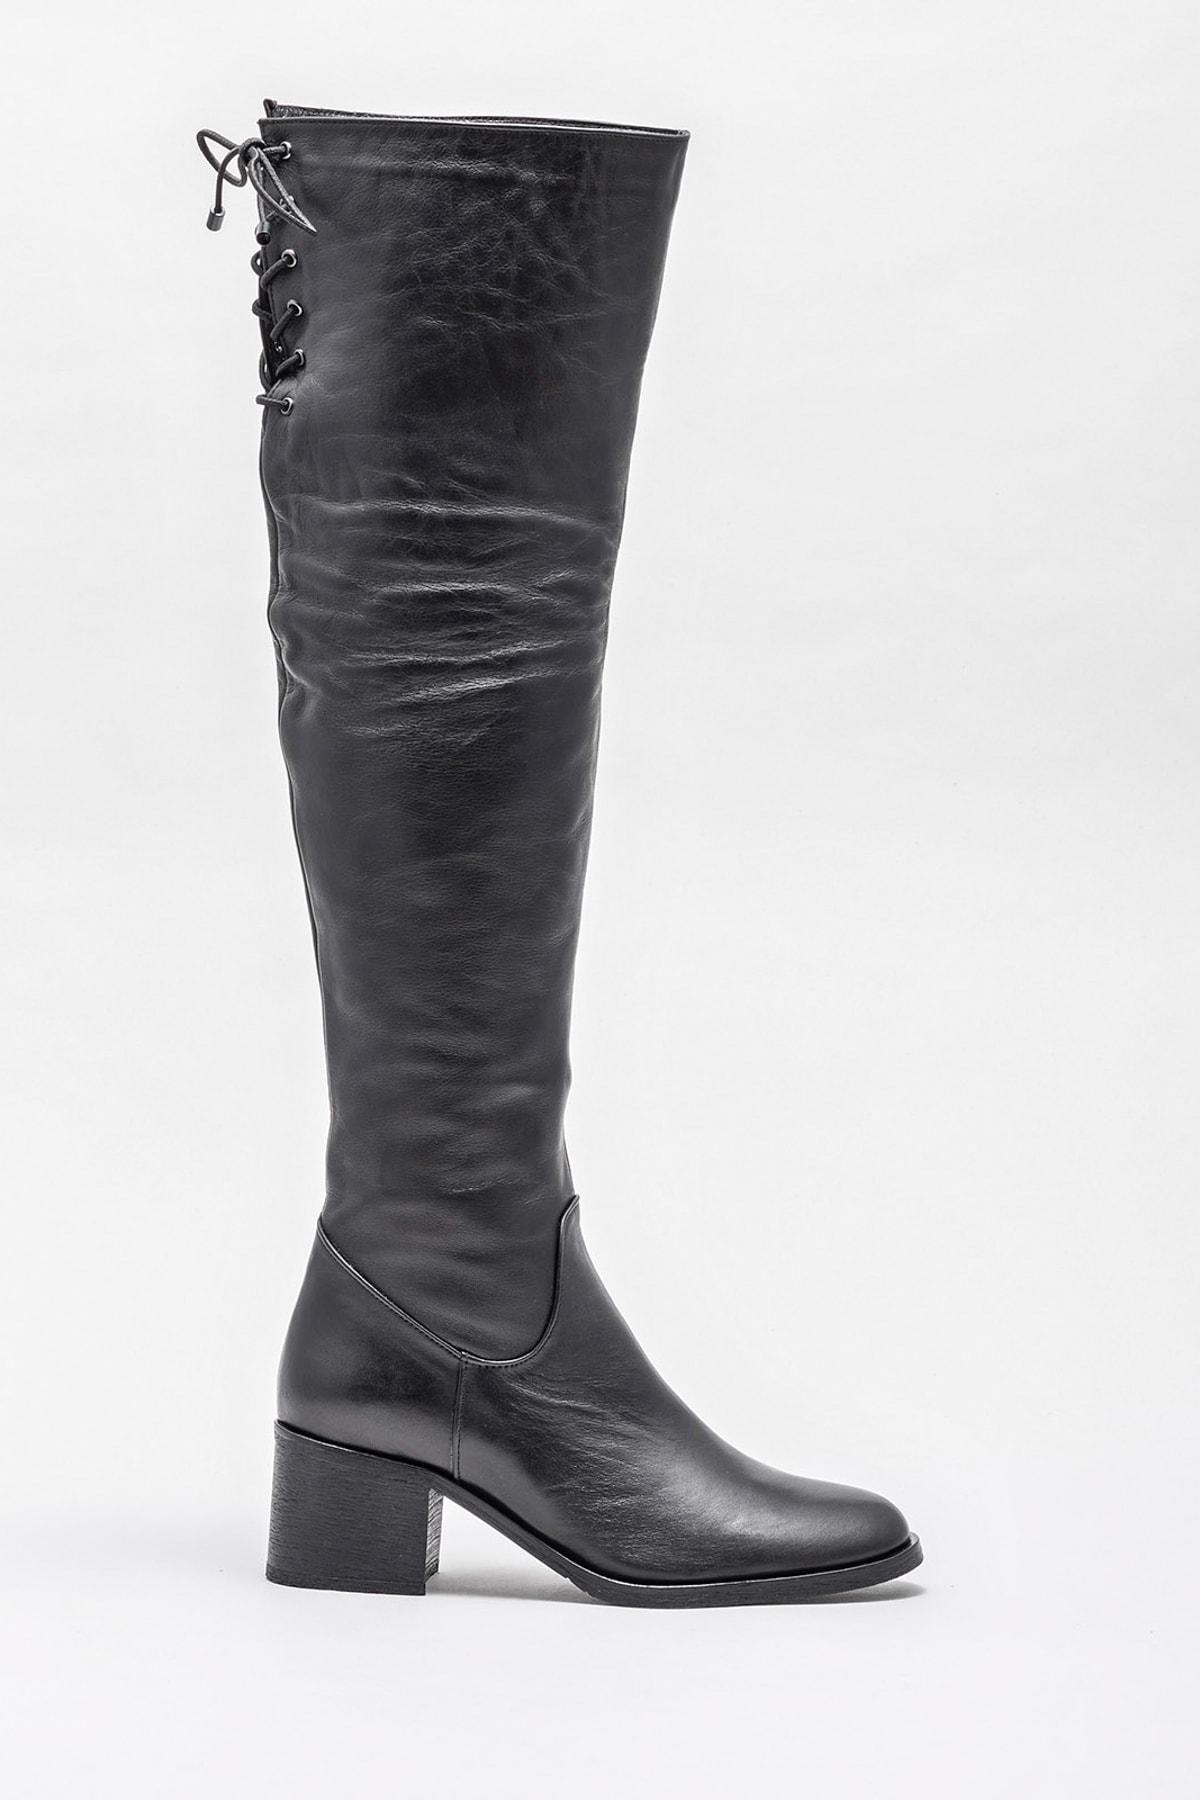 Elle Shoes Kadın Karons Sıyah Çizme 20KRE2706 1